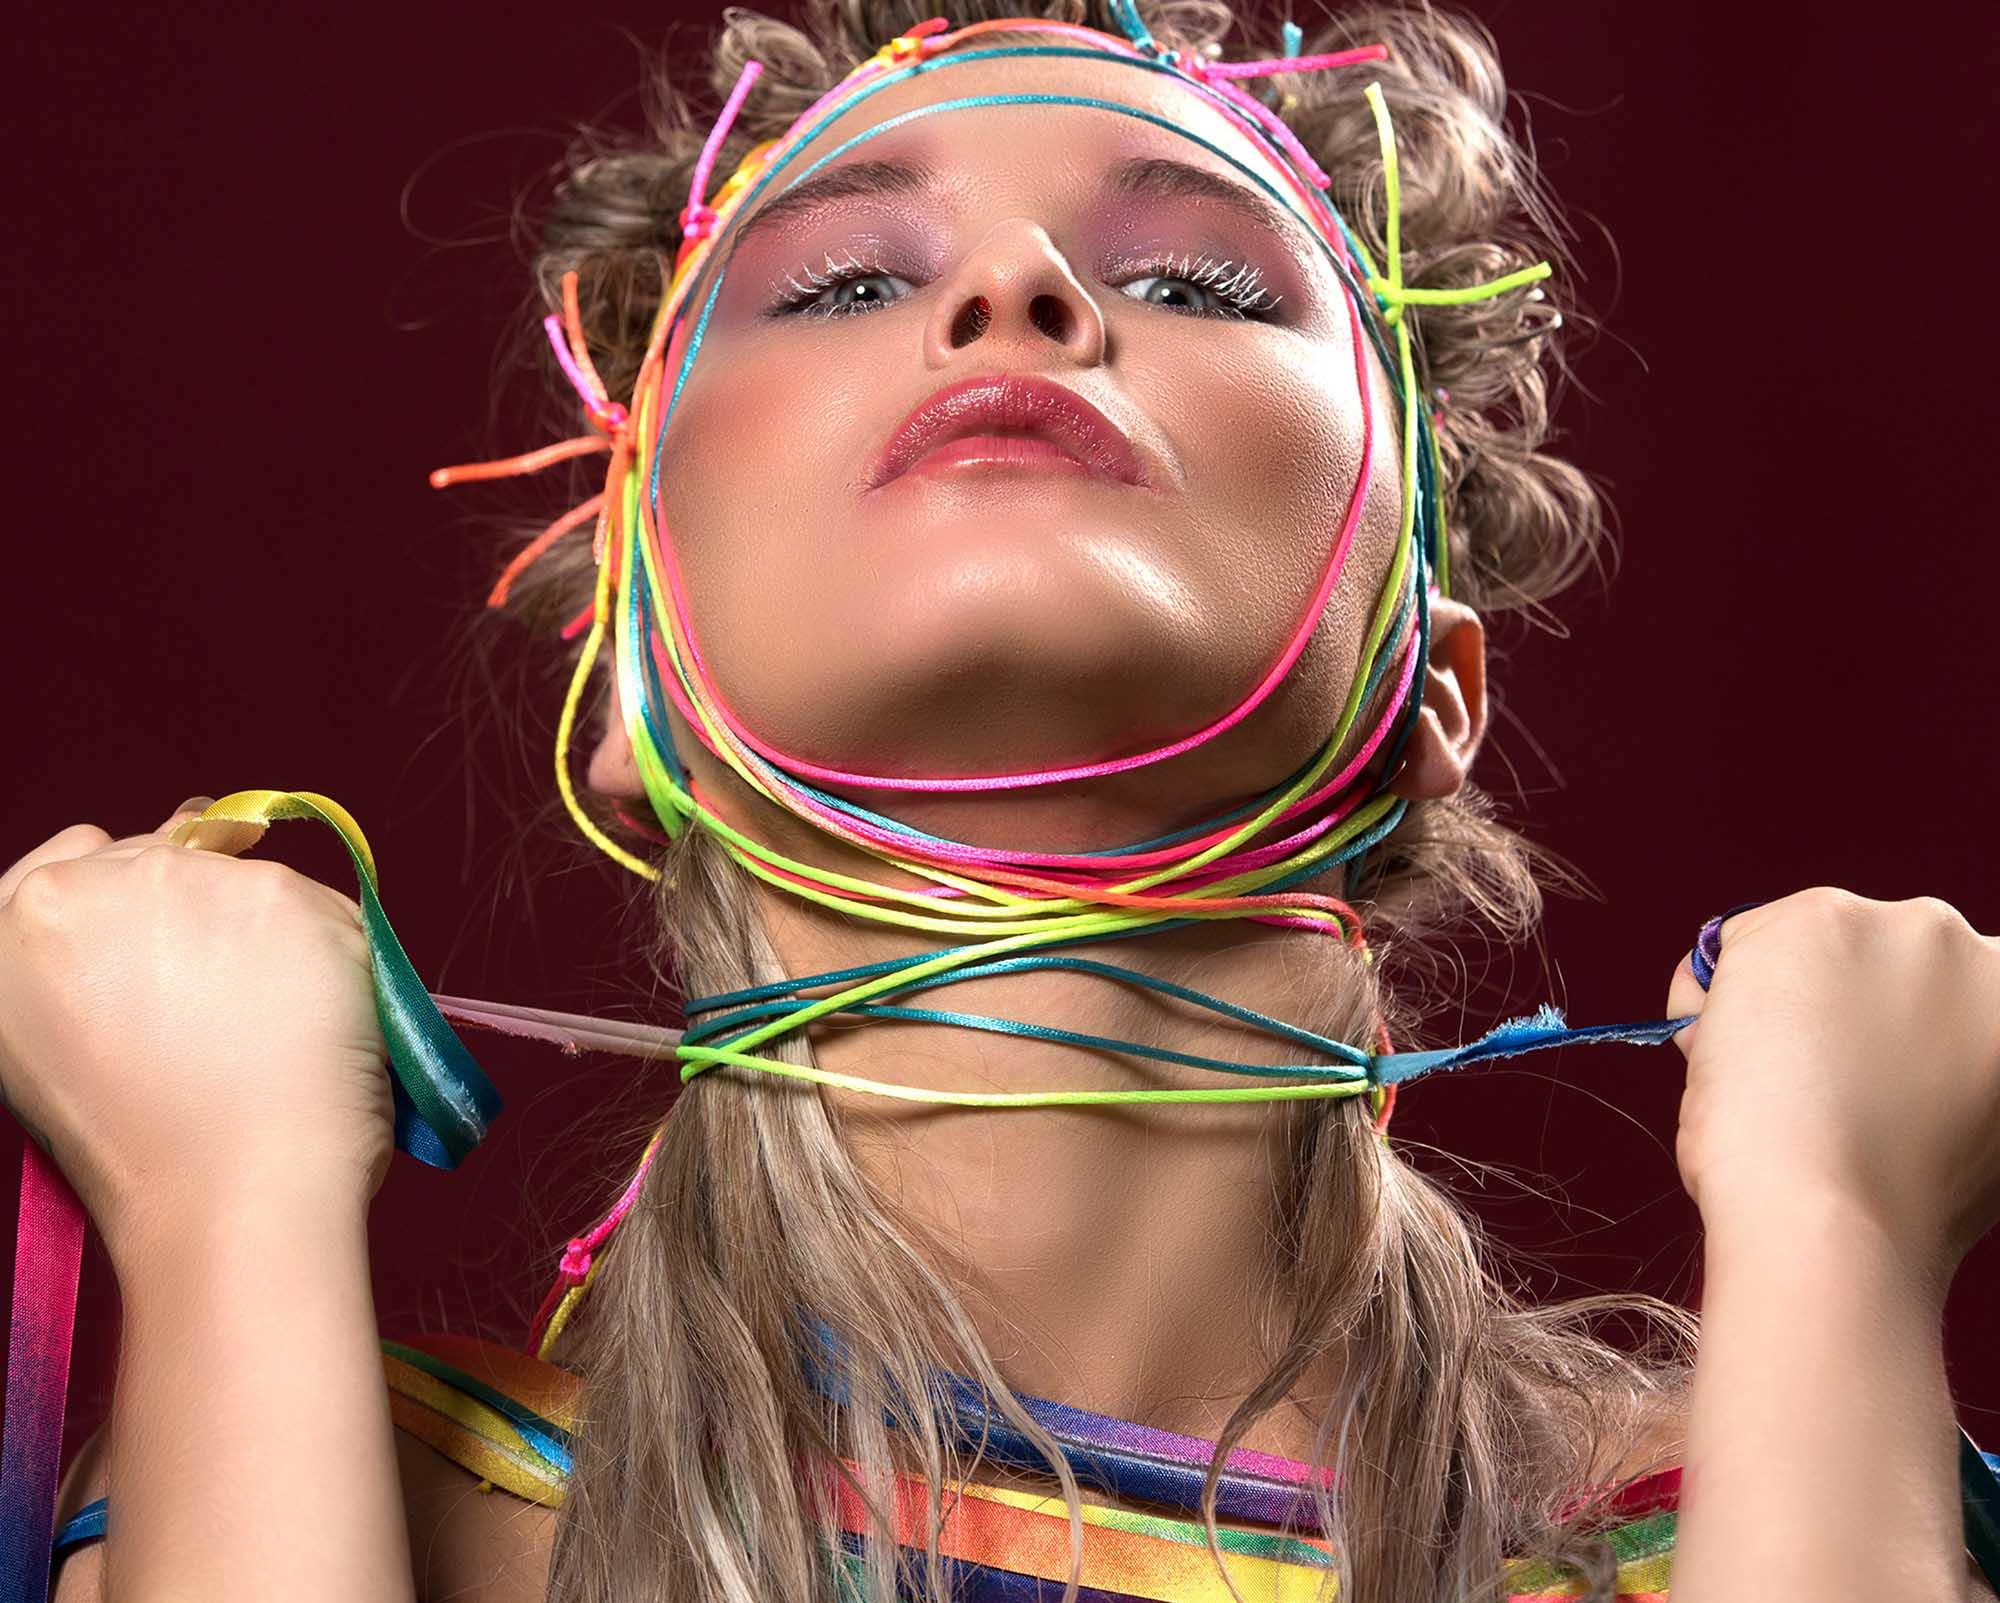 צילום: מני פל, סטיילינג וארט: ליז פלנסיה, עיצוב שיער: שרון פור, איפור: נתנאל טל, דוגמנית: סופה רוזן, עוזרת סטייליניג: אתי פלנסיה, - Fashion Israel - 2020 חדשות אופנה 2020, כתבות אופנה 2020, טרנדים 2020, מגזין אופנה ישראלי, אופנה - 7